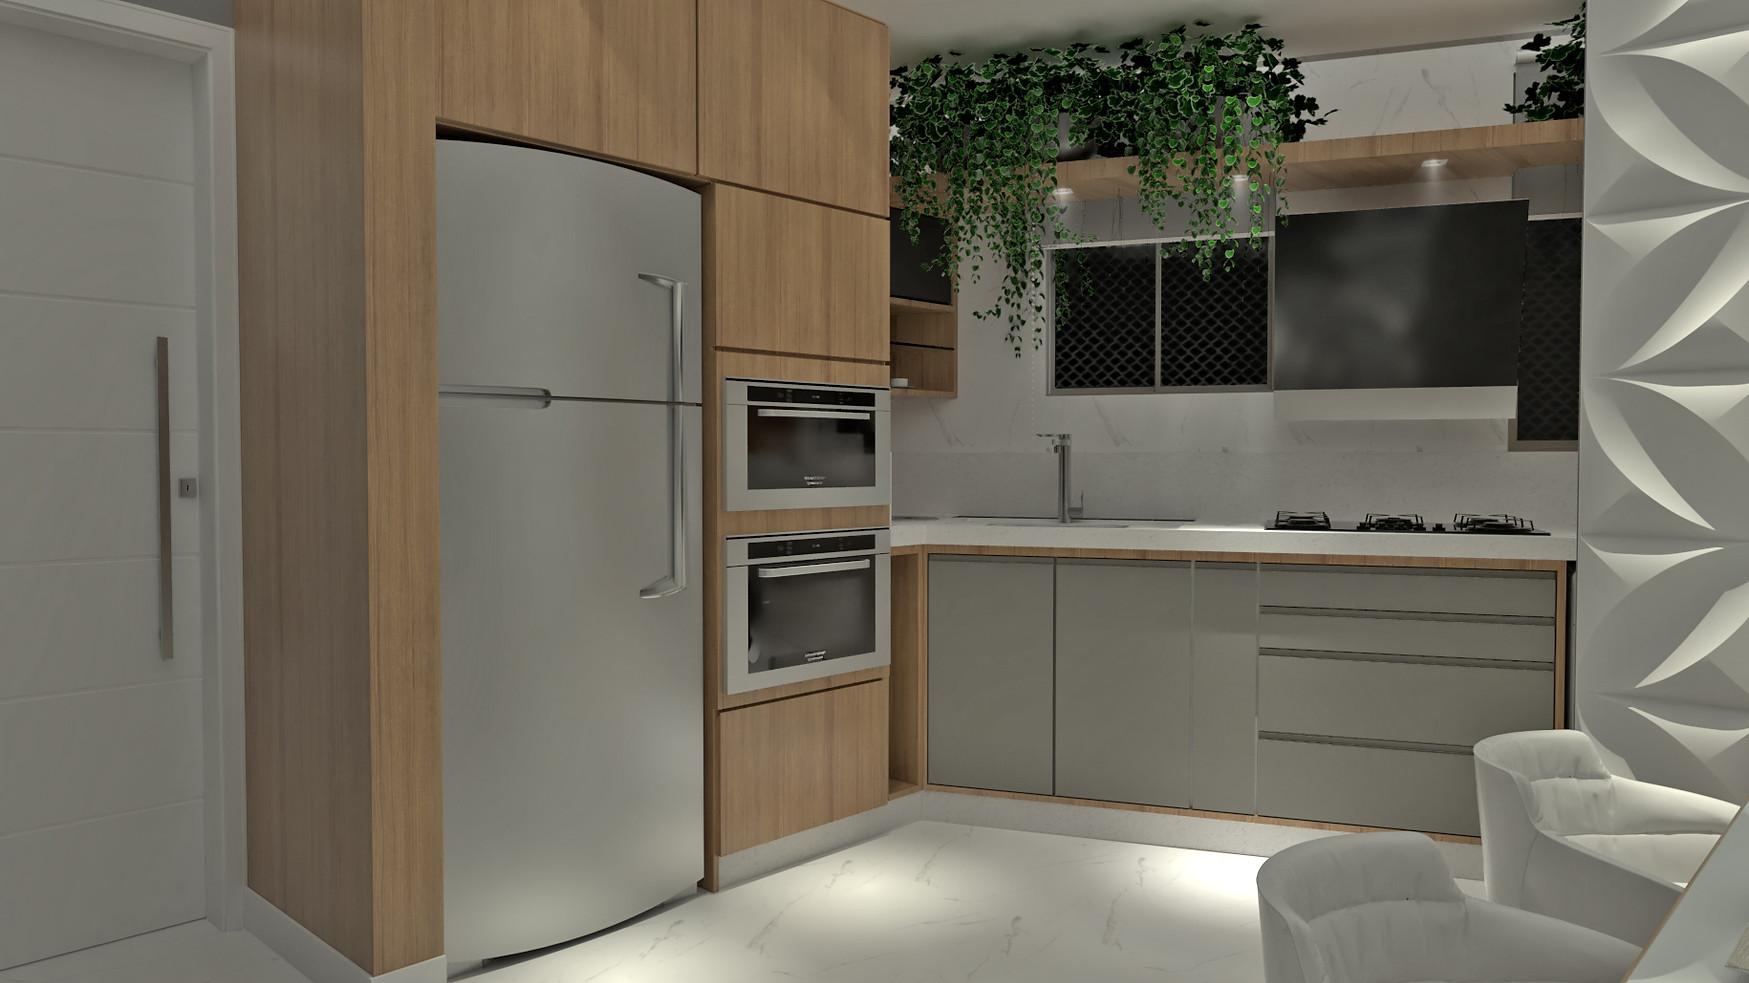 Conceito aberto - Cozinha